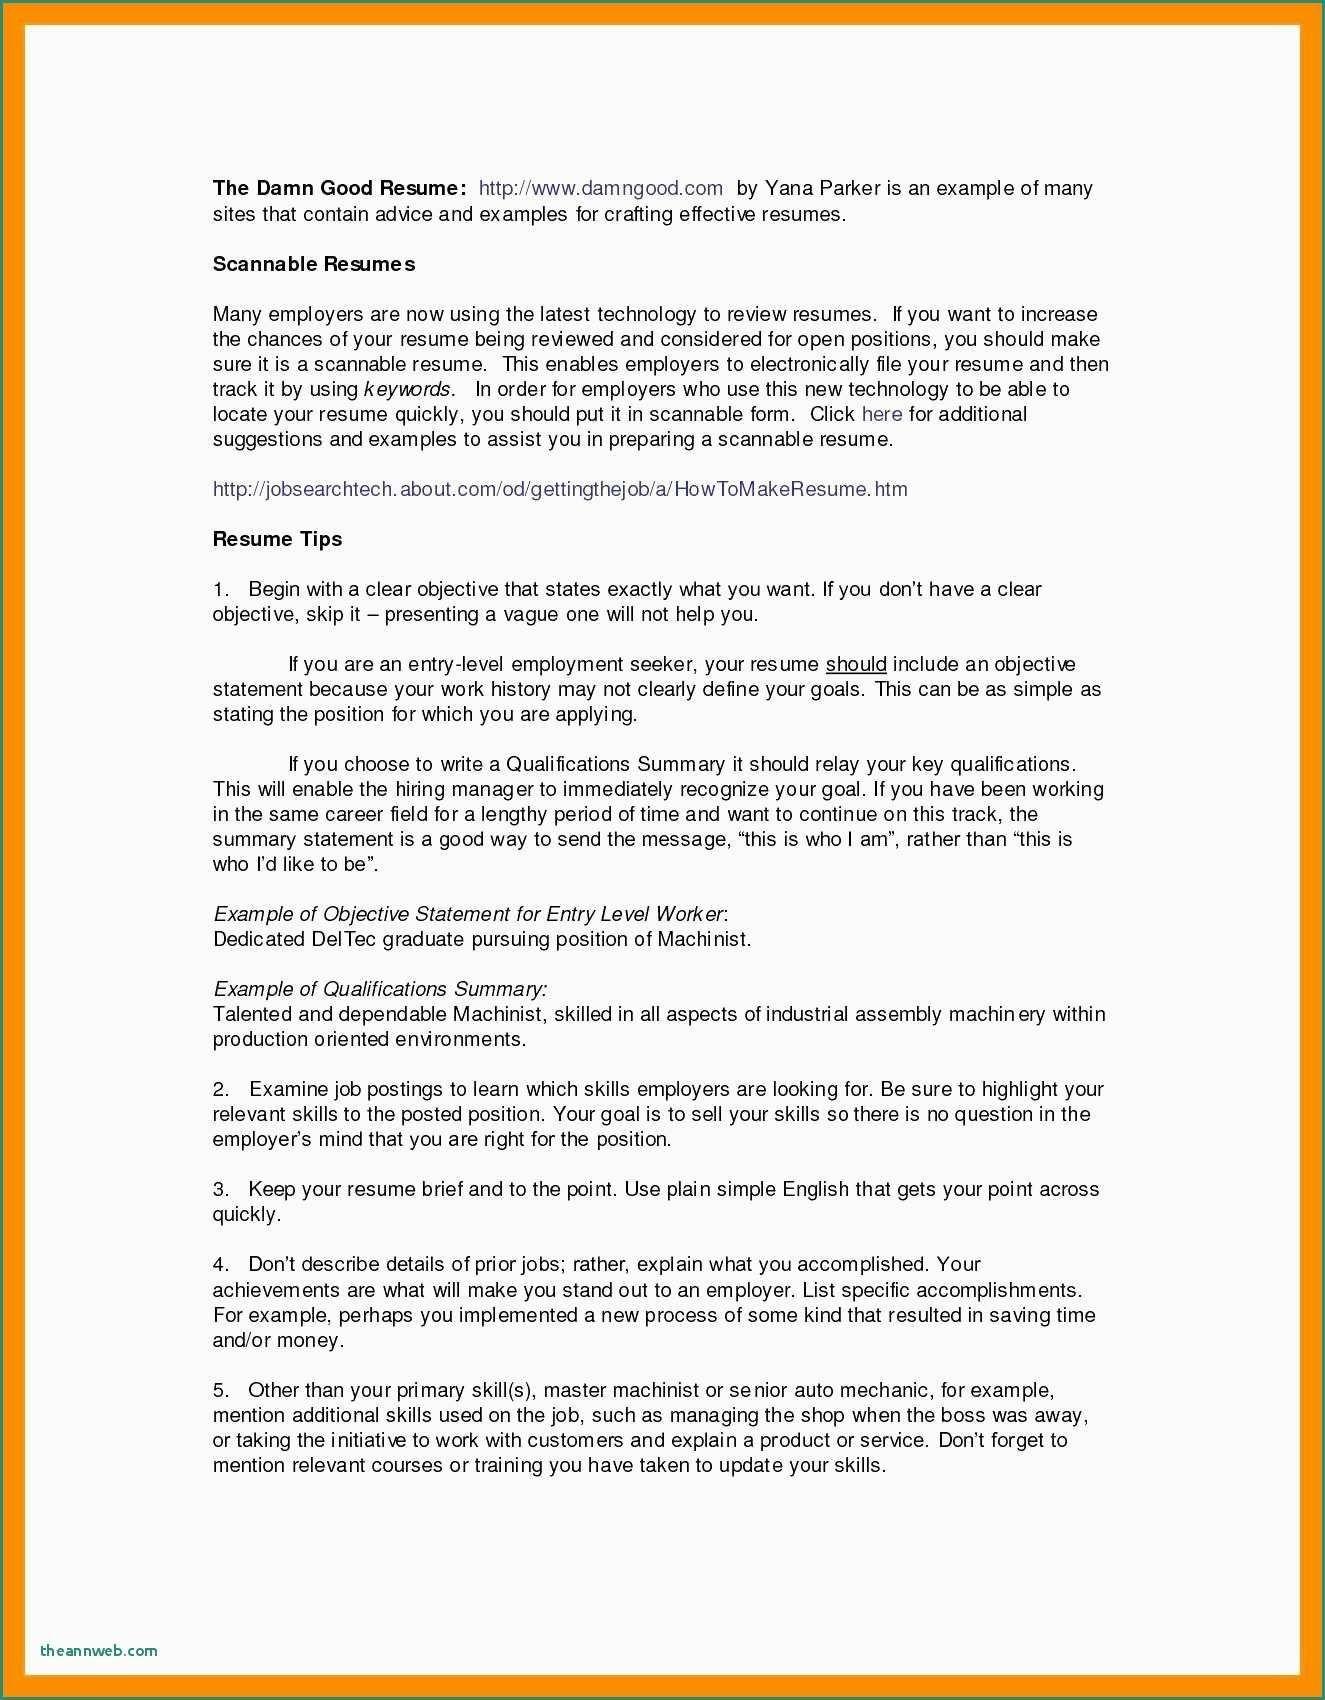 Qualified Genetic Engineering Worksheet Geneticengineeringapplications Geneticengineeringh